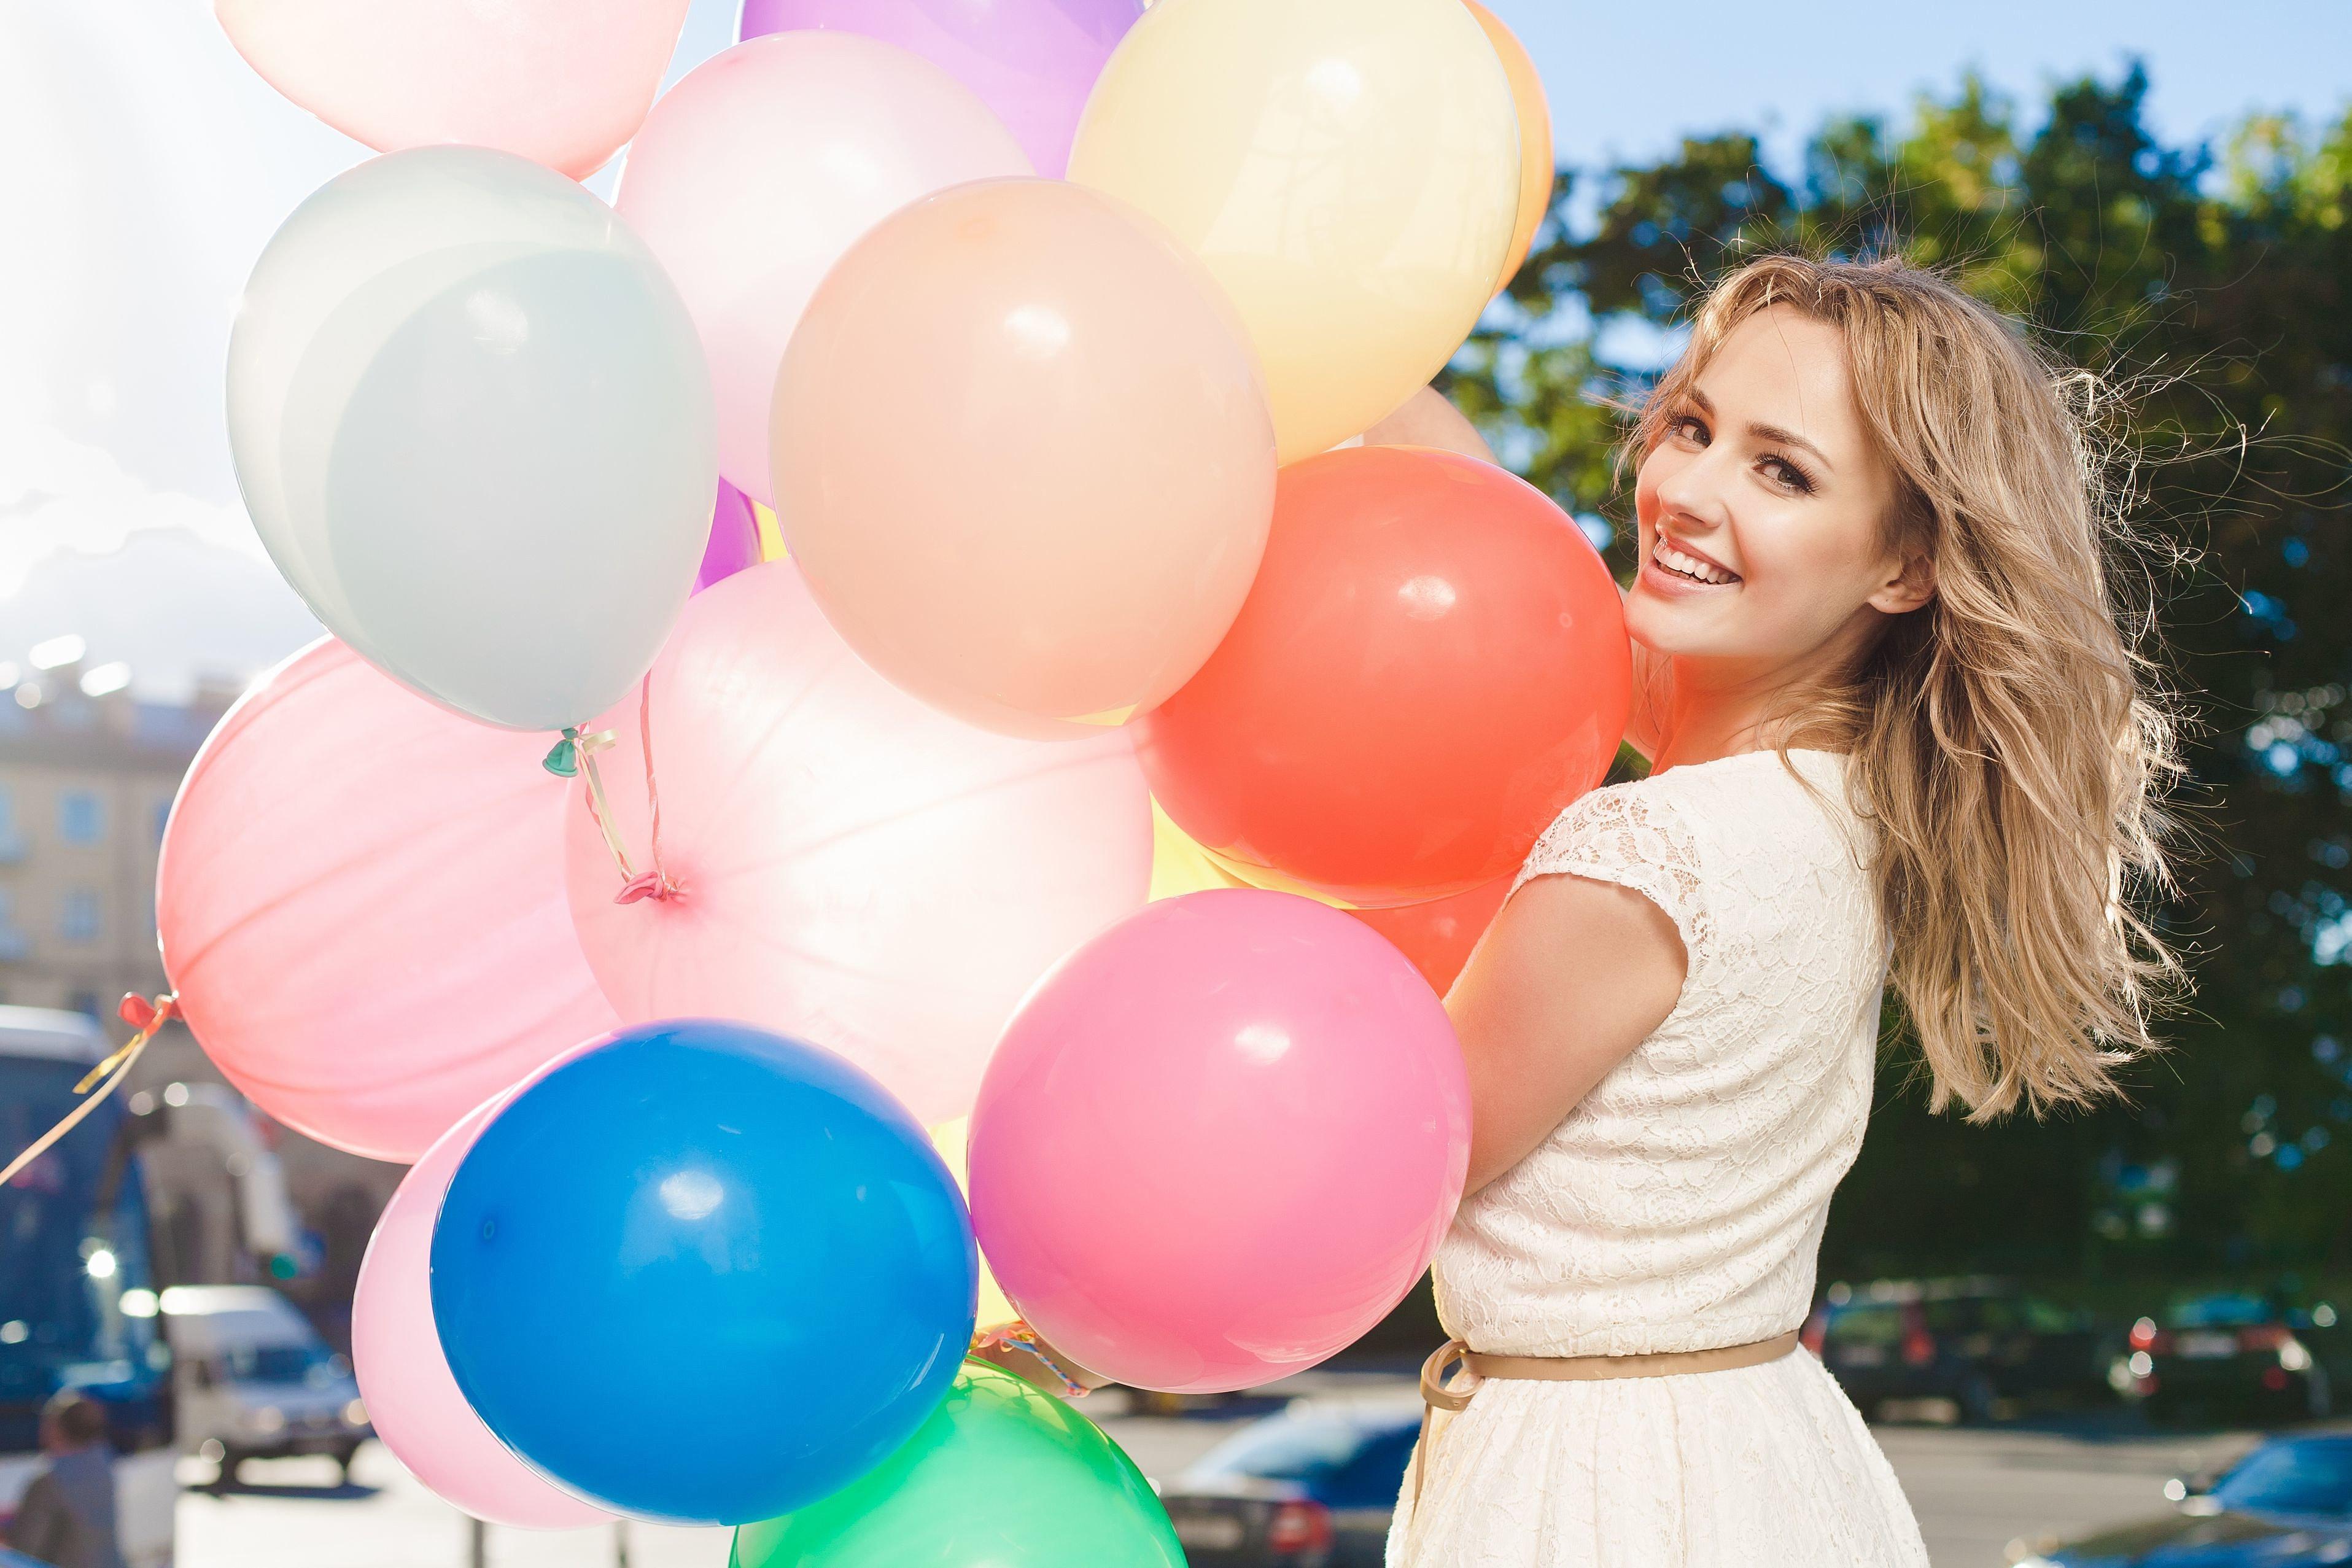 Смотреть секс с воздушными шарами 23 фотография